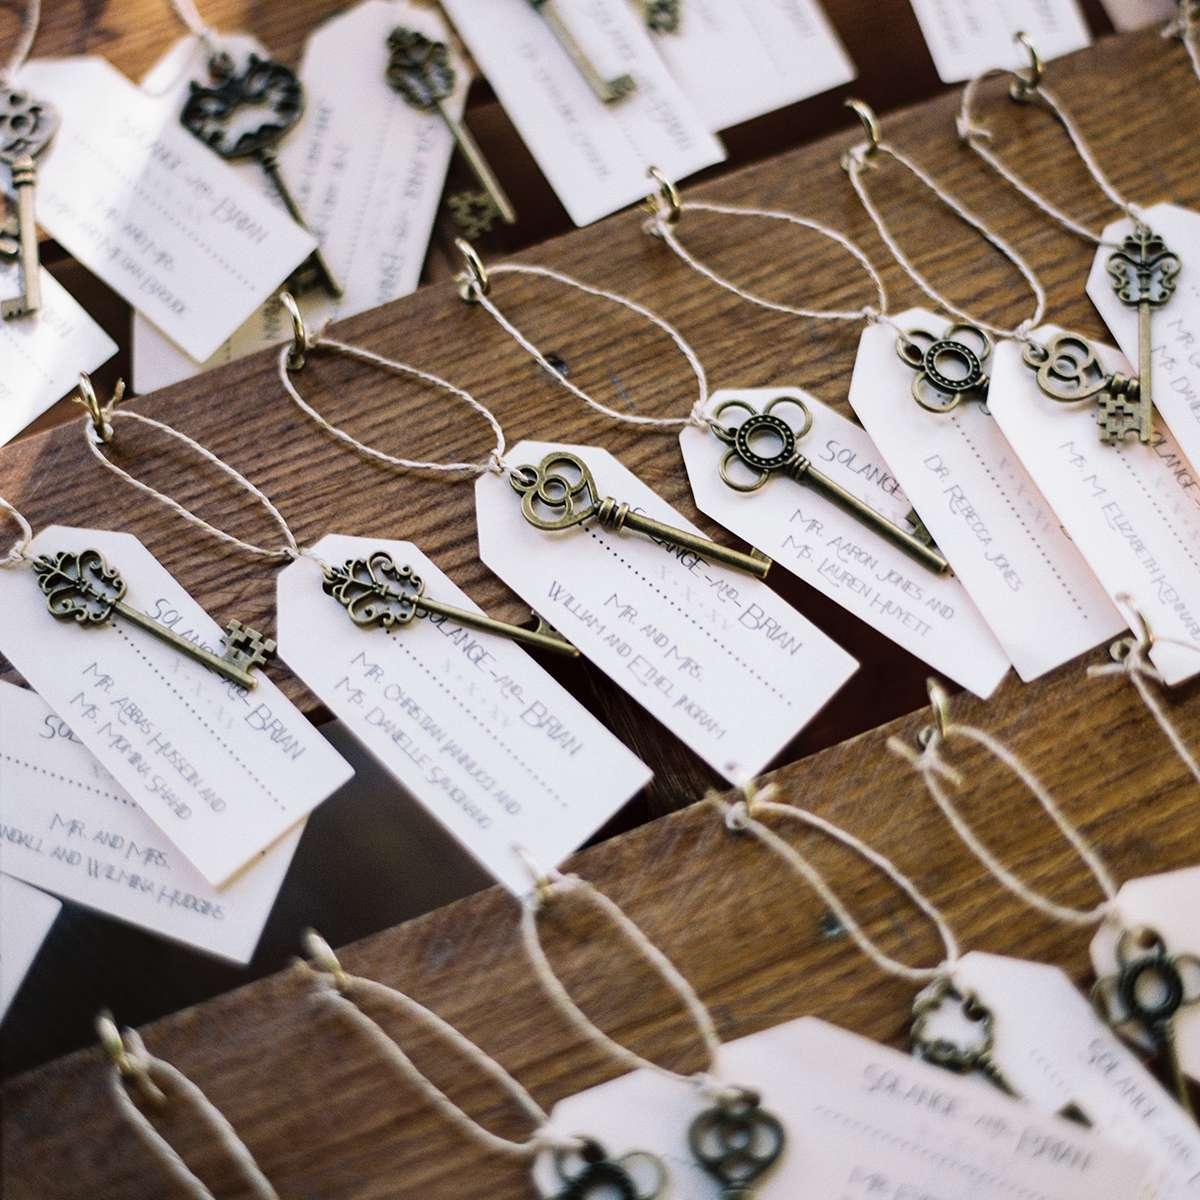 escort cards with skeleton keys